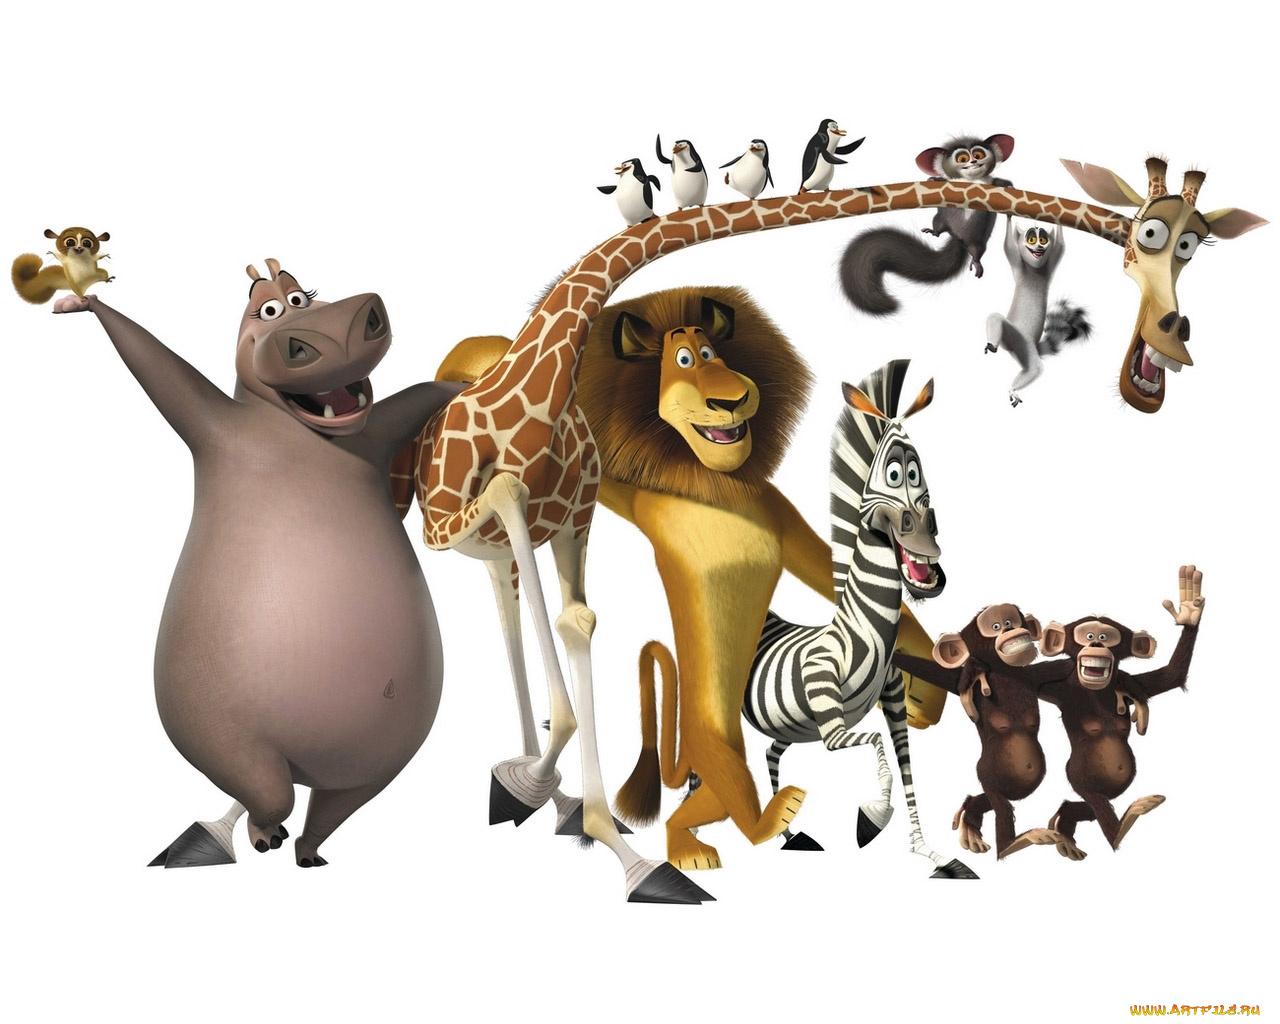 Картинки новым, из мультиков прикольные картинки животных